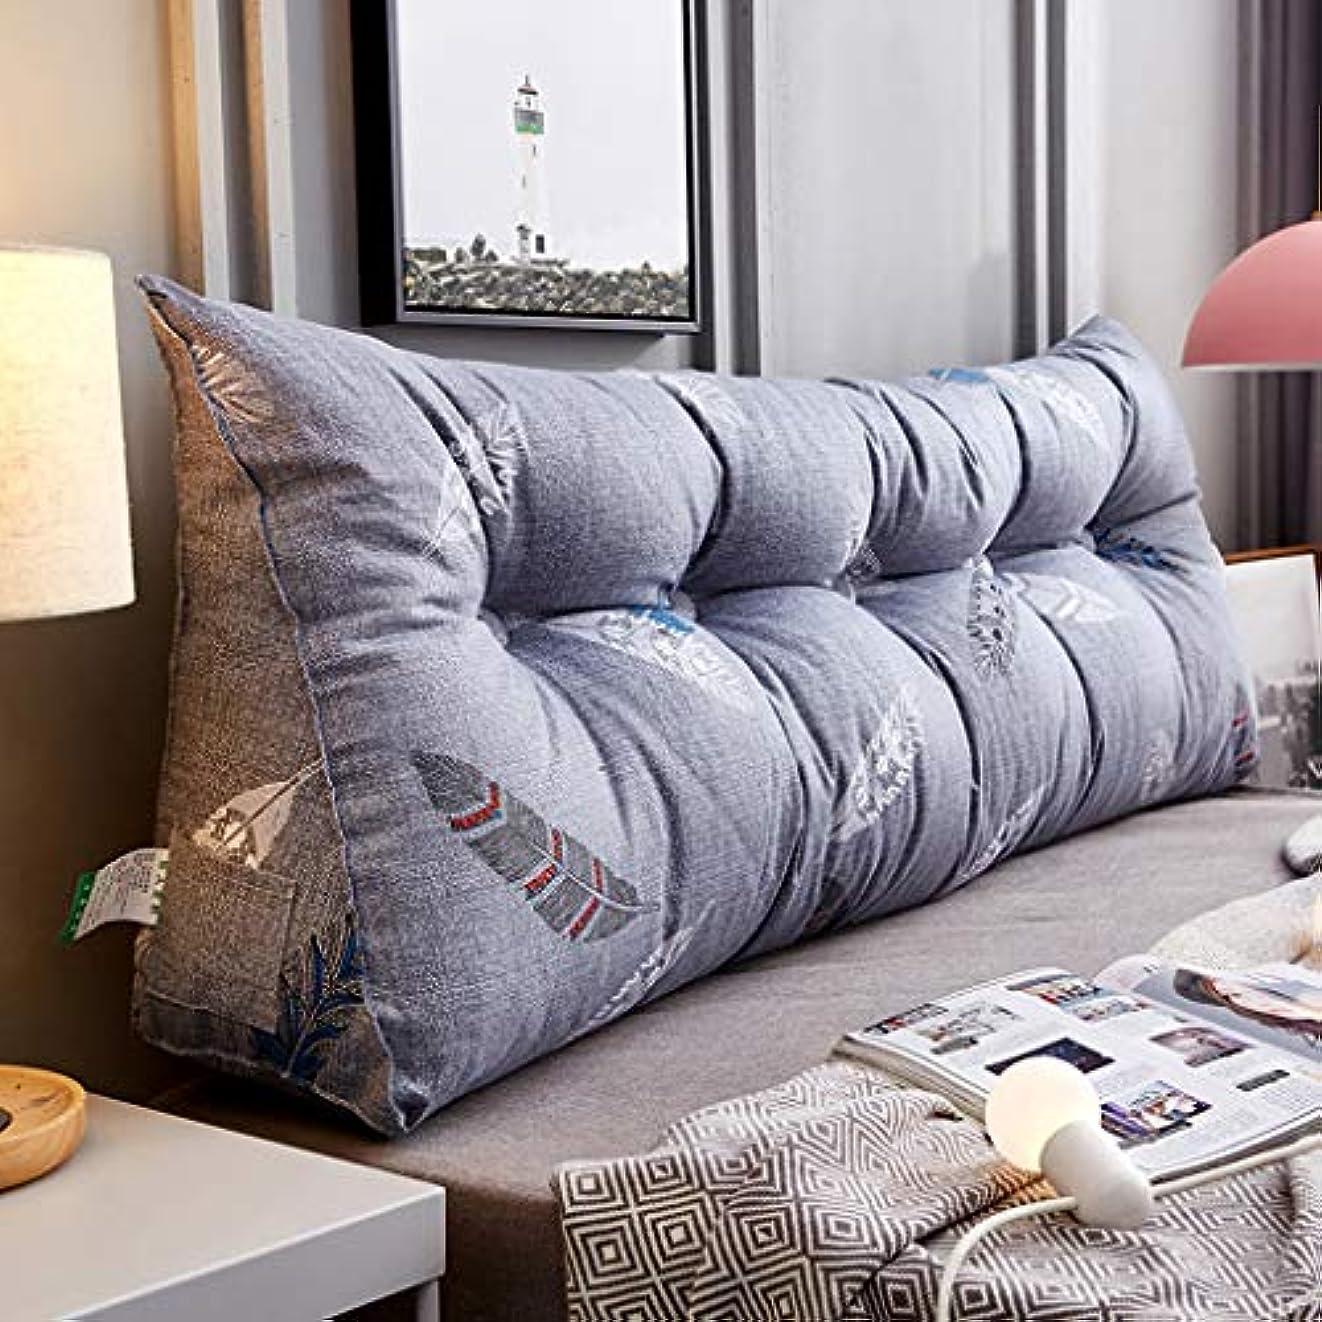 ベッドサイドクッション大バックダブルベッドシンプルなヘッドボードソフトバッグバッククッショントライアングルウエスト枕 Zsetop (Color : C, Size : 120*50*25cm)